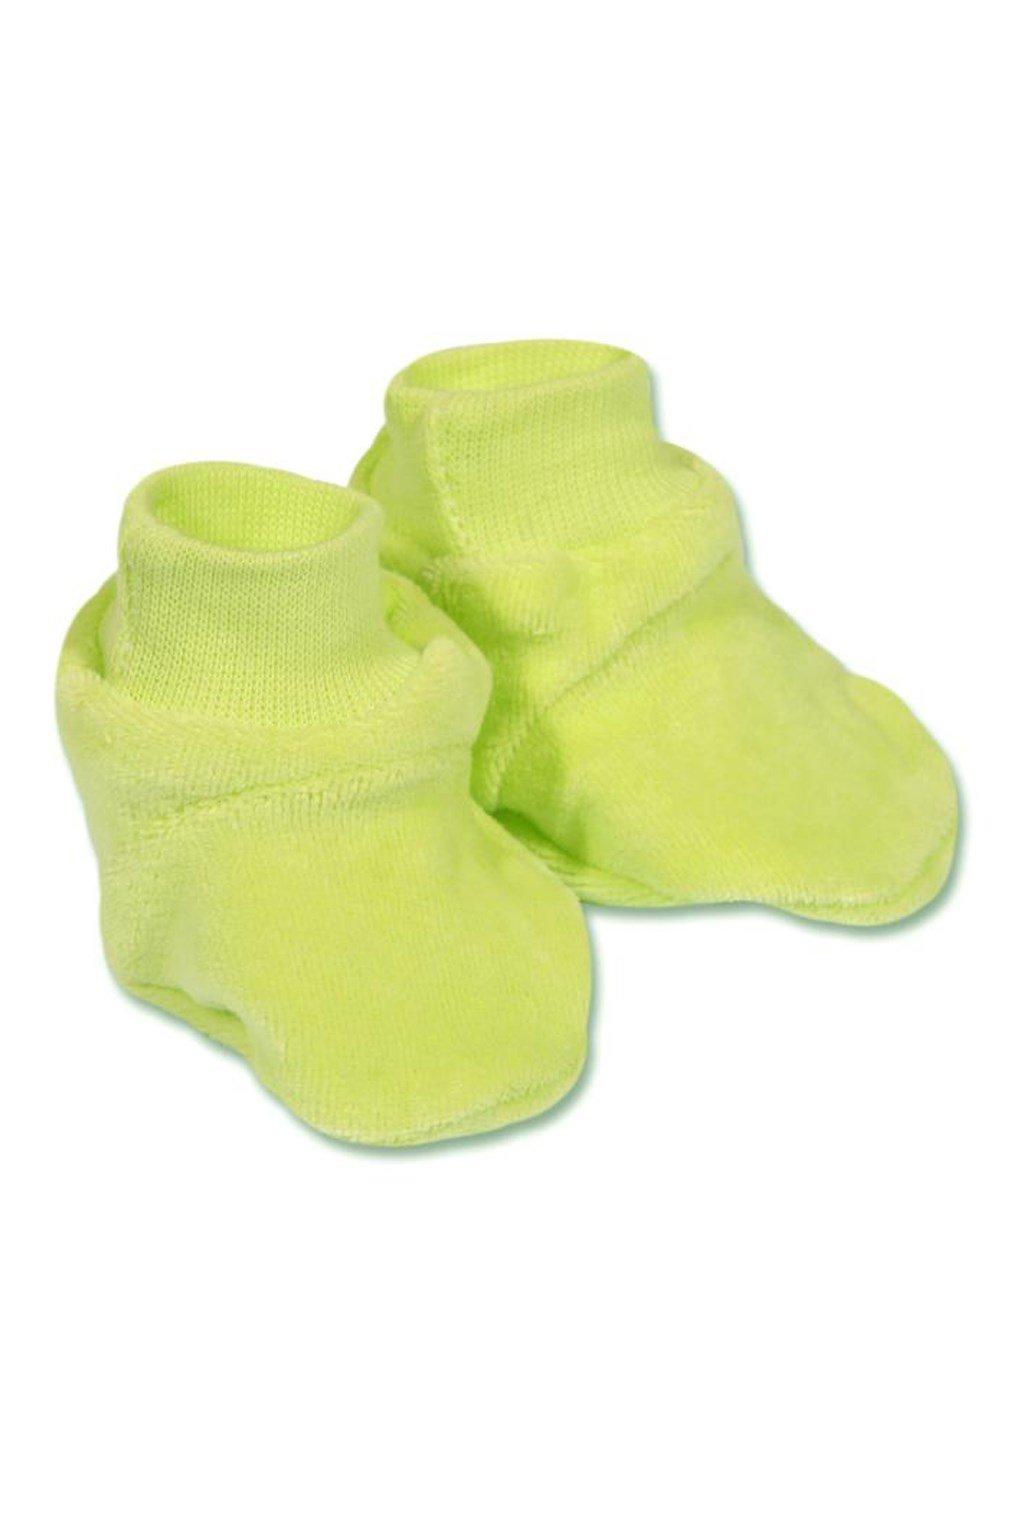 Detské papučky New Baby zelené